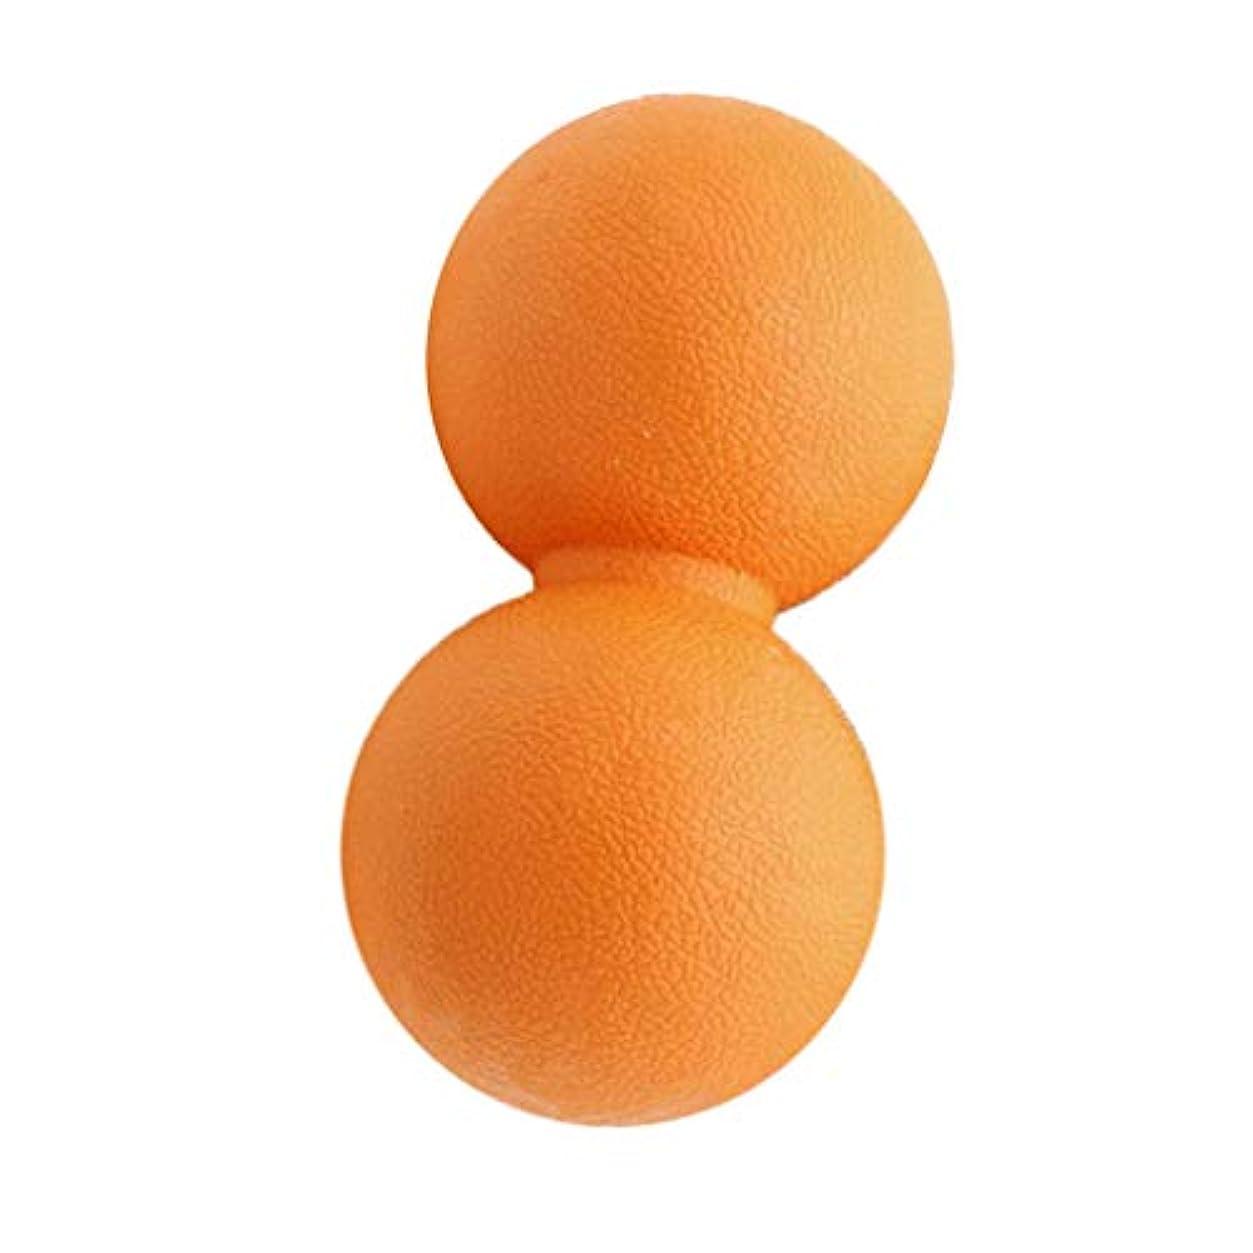 植木キリスト肺炎CUTICATE 全2色 マッサージボール ピーナッツ ツボ押しグッズ 疲れ解消ボール 筋膜リリース 筋肉疲労回復 - オレンジ, 13cm